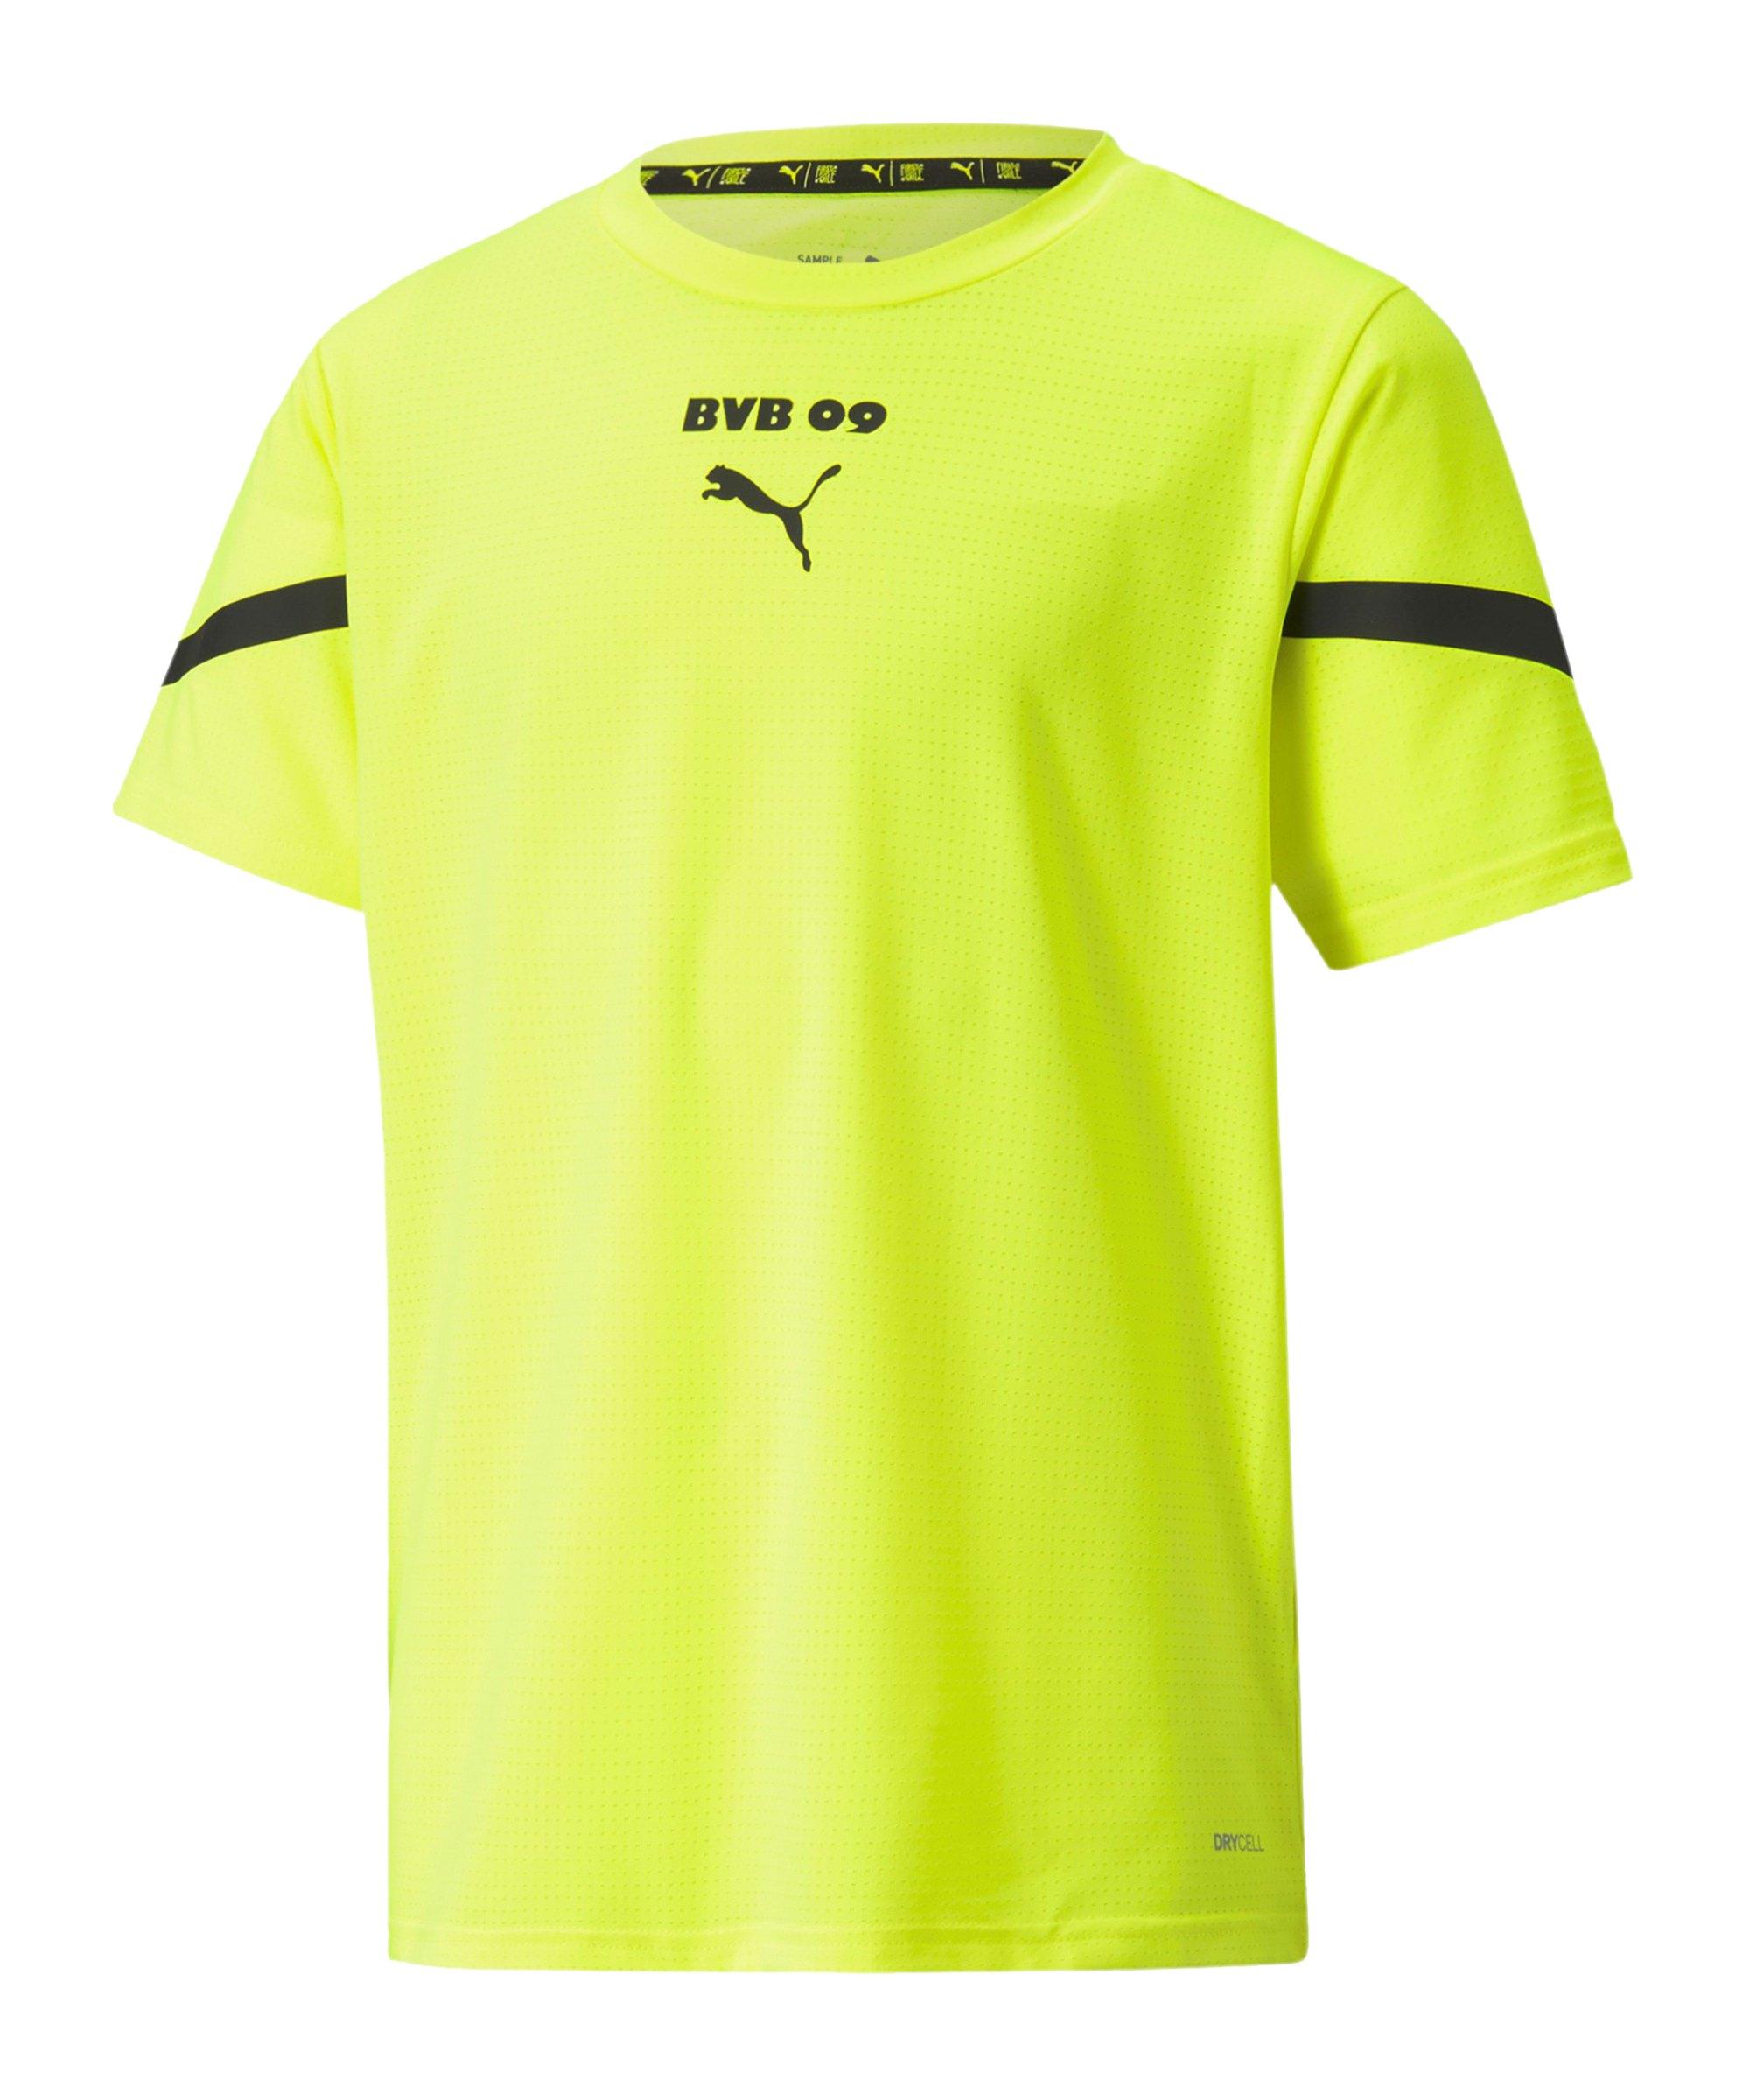 PUMA BVB Dortmund Prematch Shirt 2021/2022 Kids Gelb Schwarz F03 - gelb